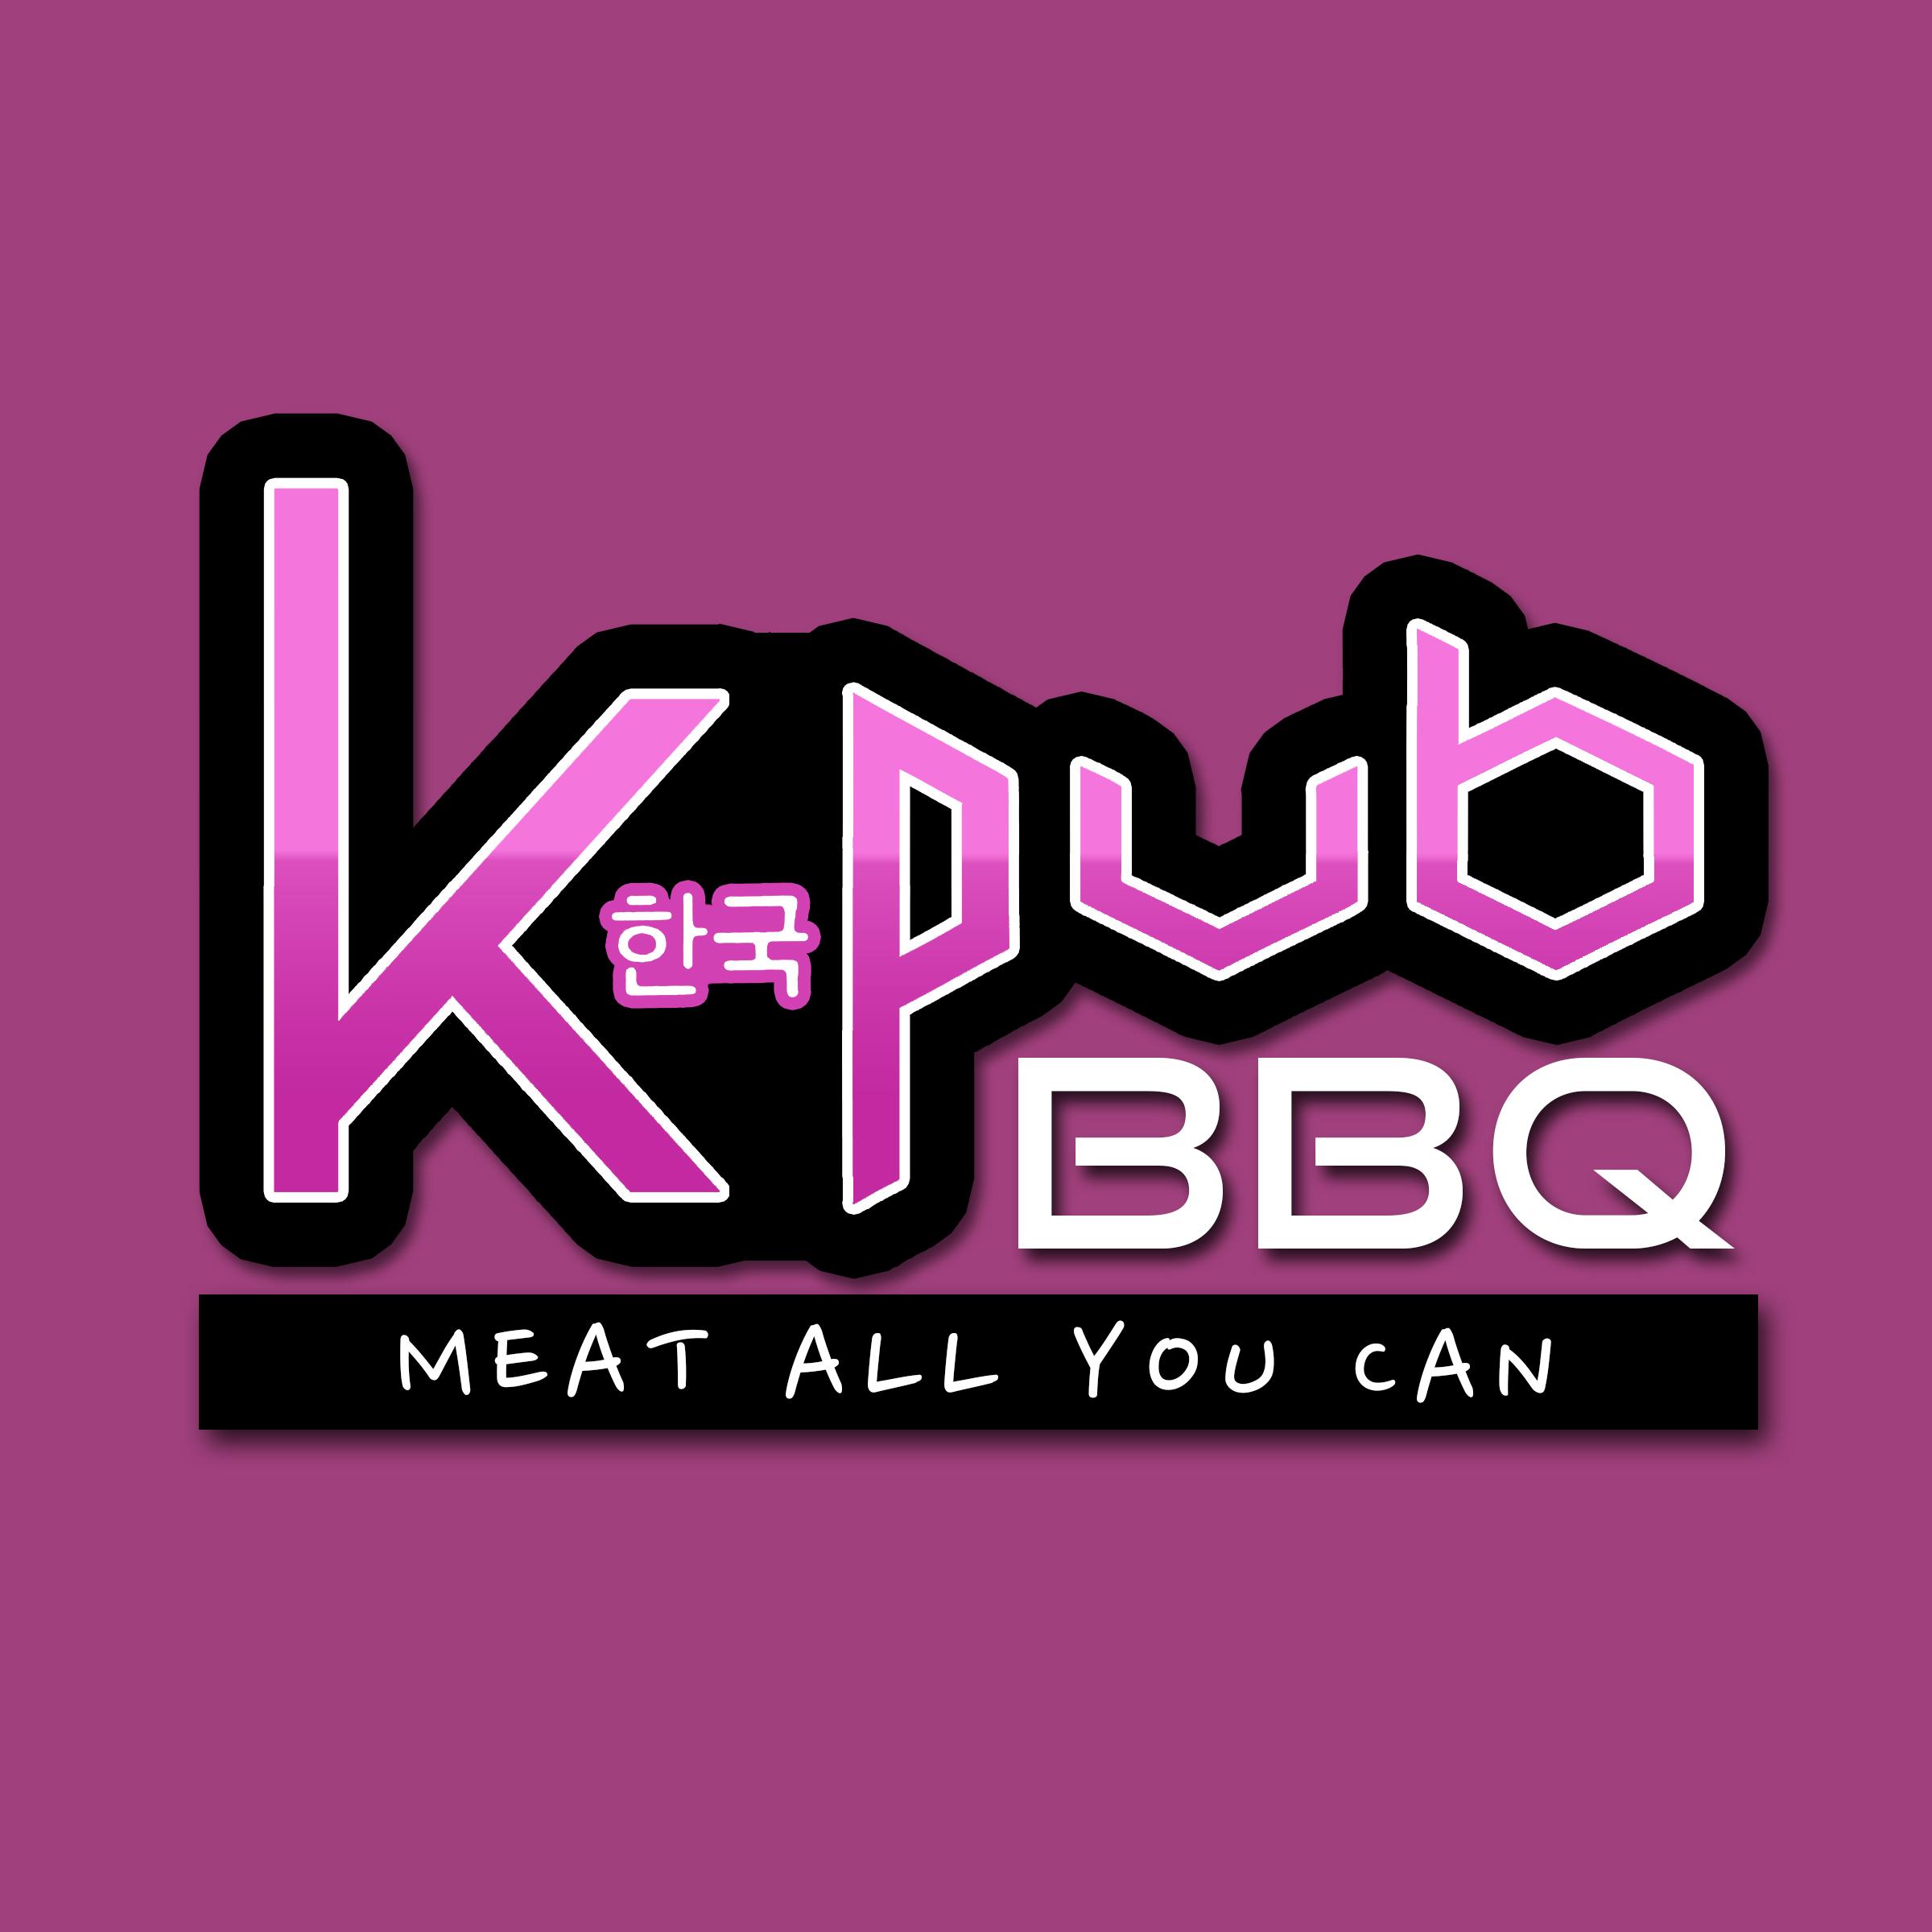 THE TWIST AT KPUB BBQ TRINOMA